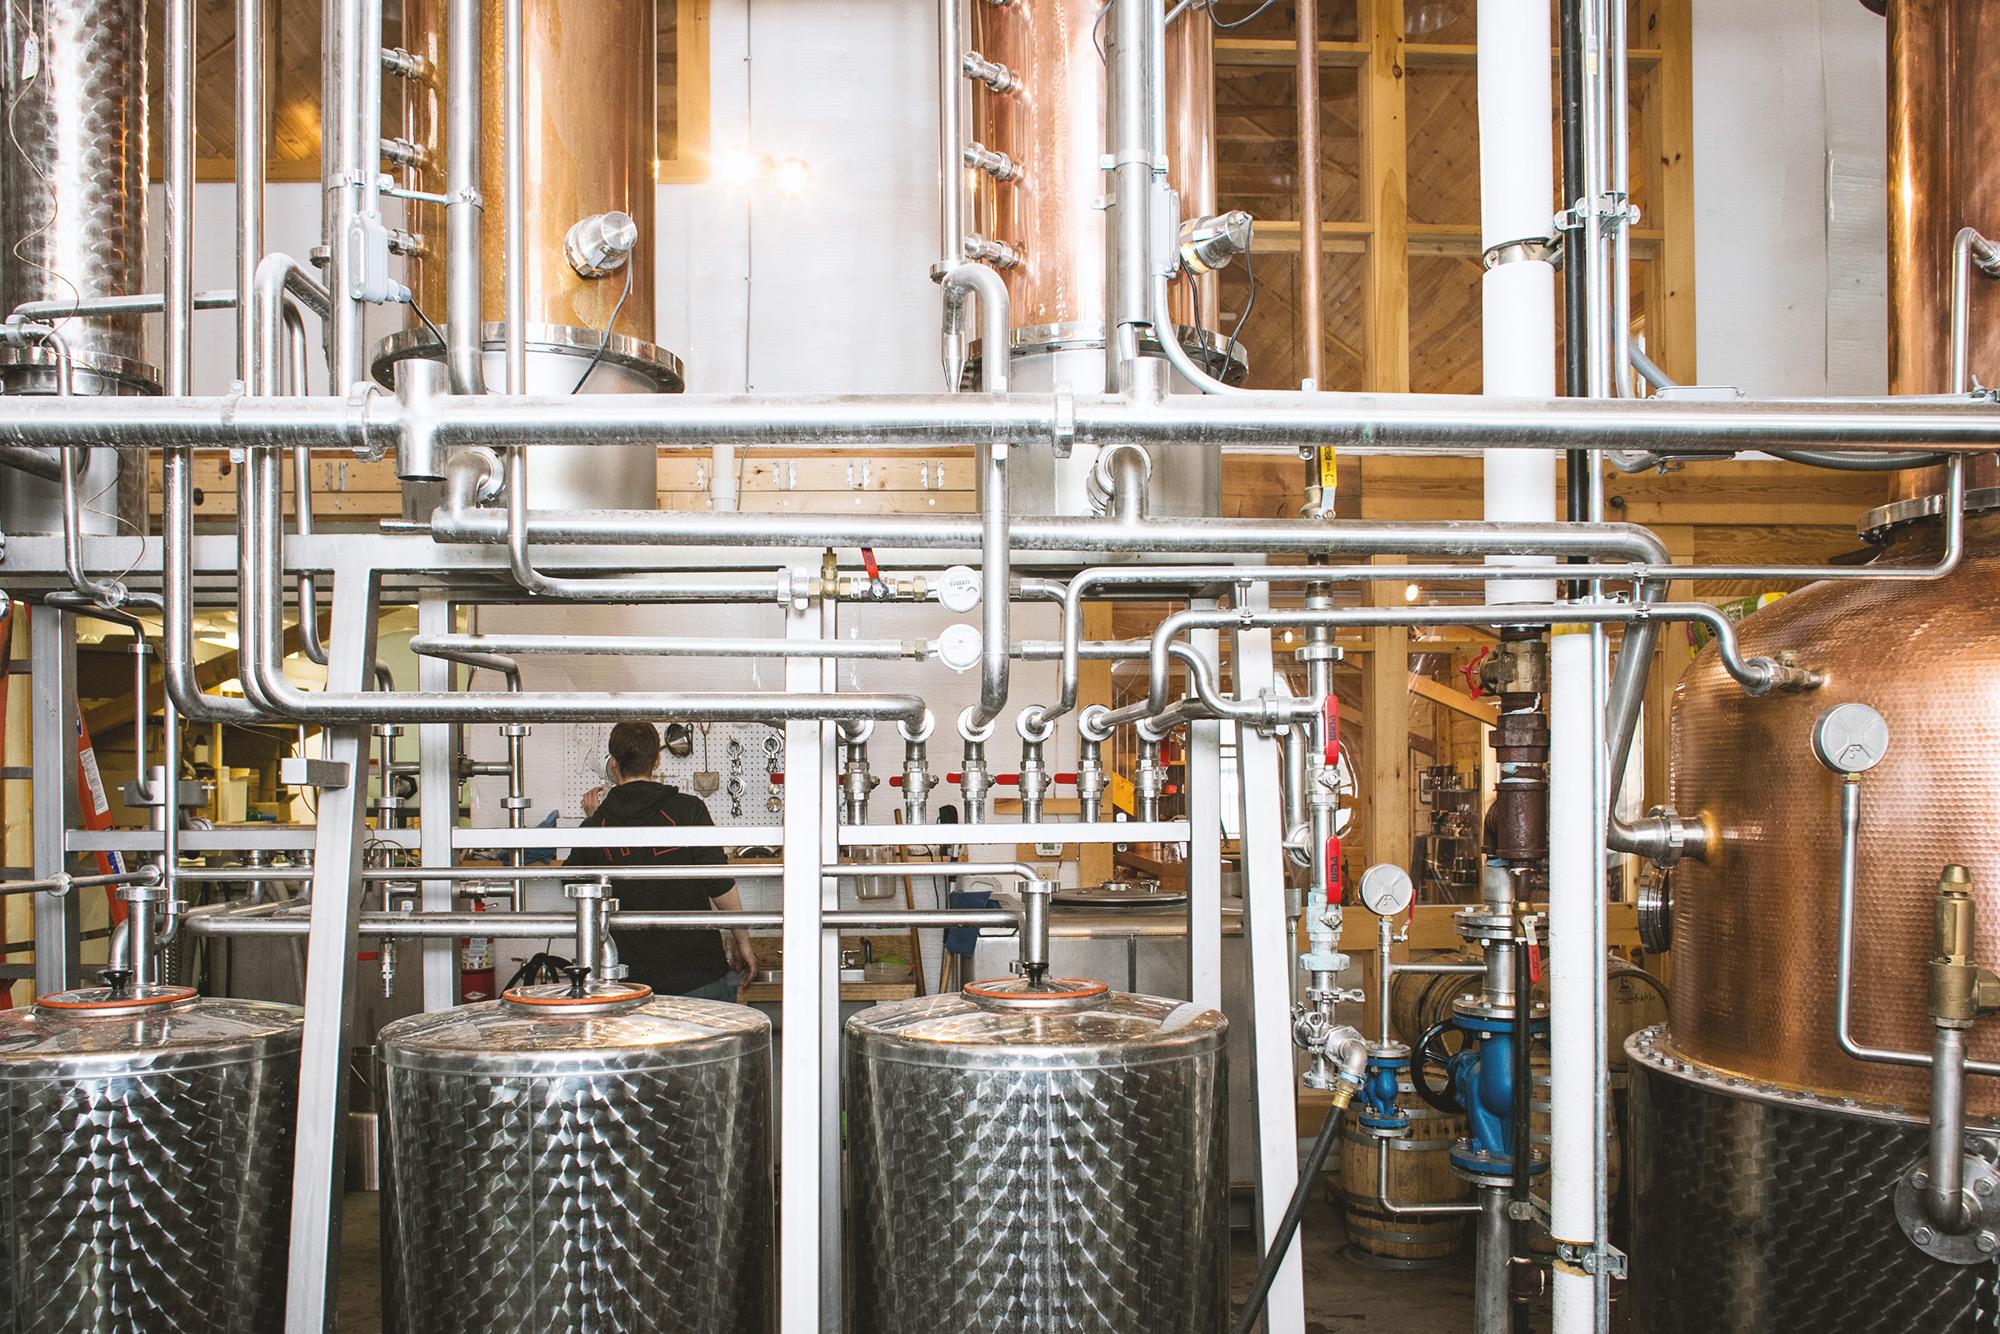 SiloDistillery_Distillery_Still-01.jpg